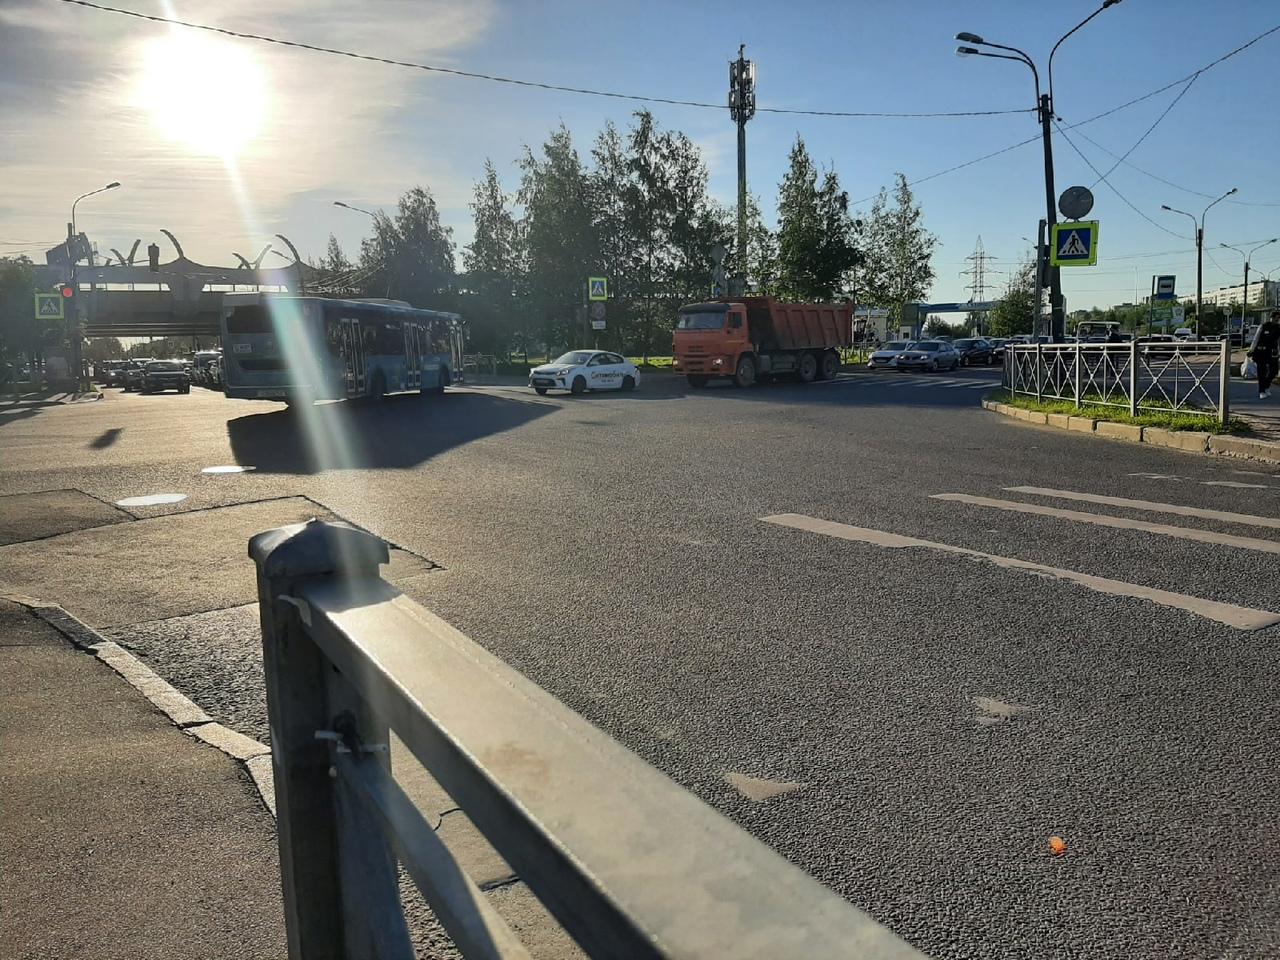 КАМАЗ и KIA сцепились на перекрёстке Планерной и Камышовой. Пробень от Долгоозерной уже